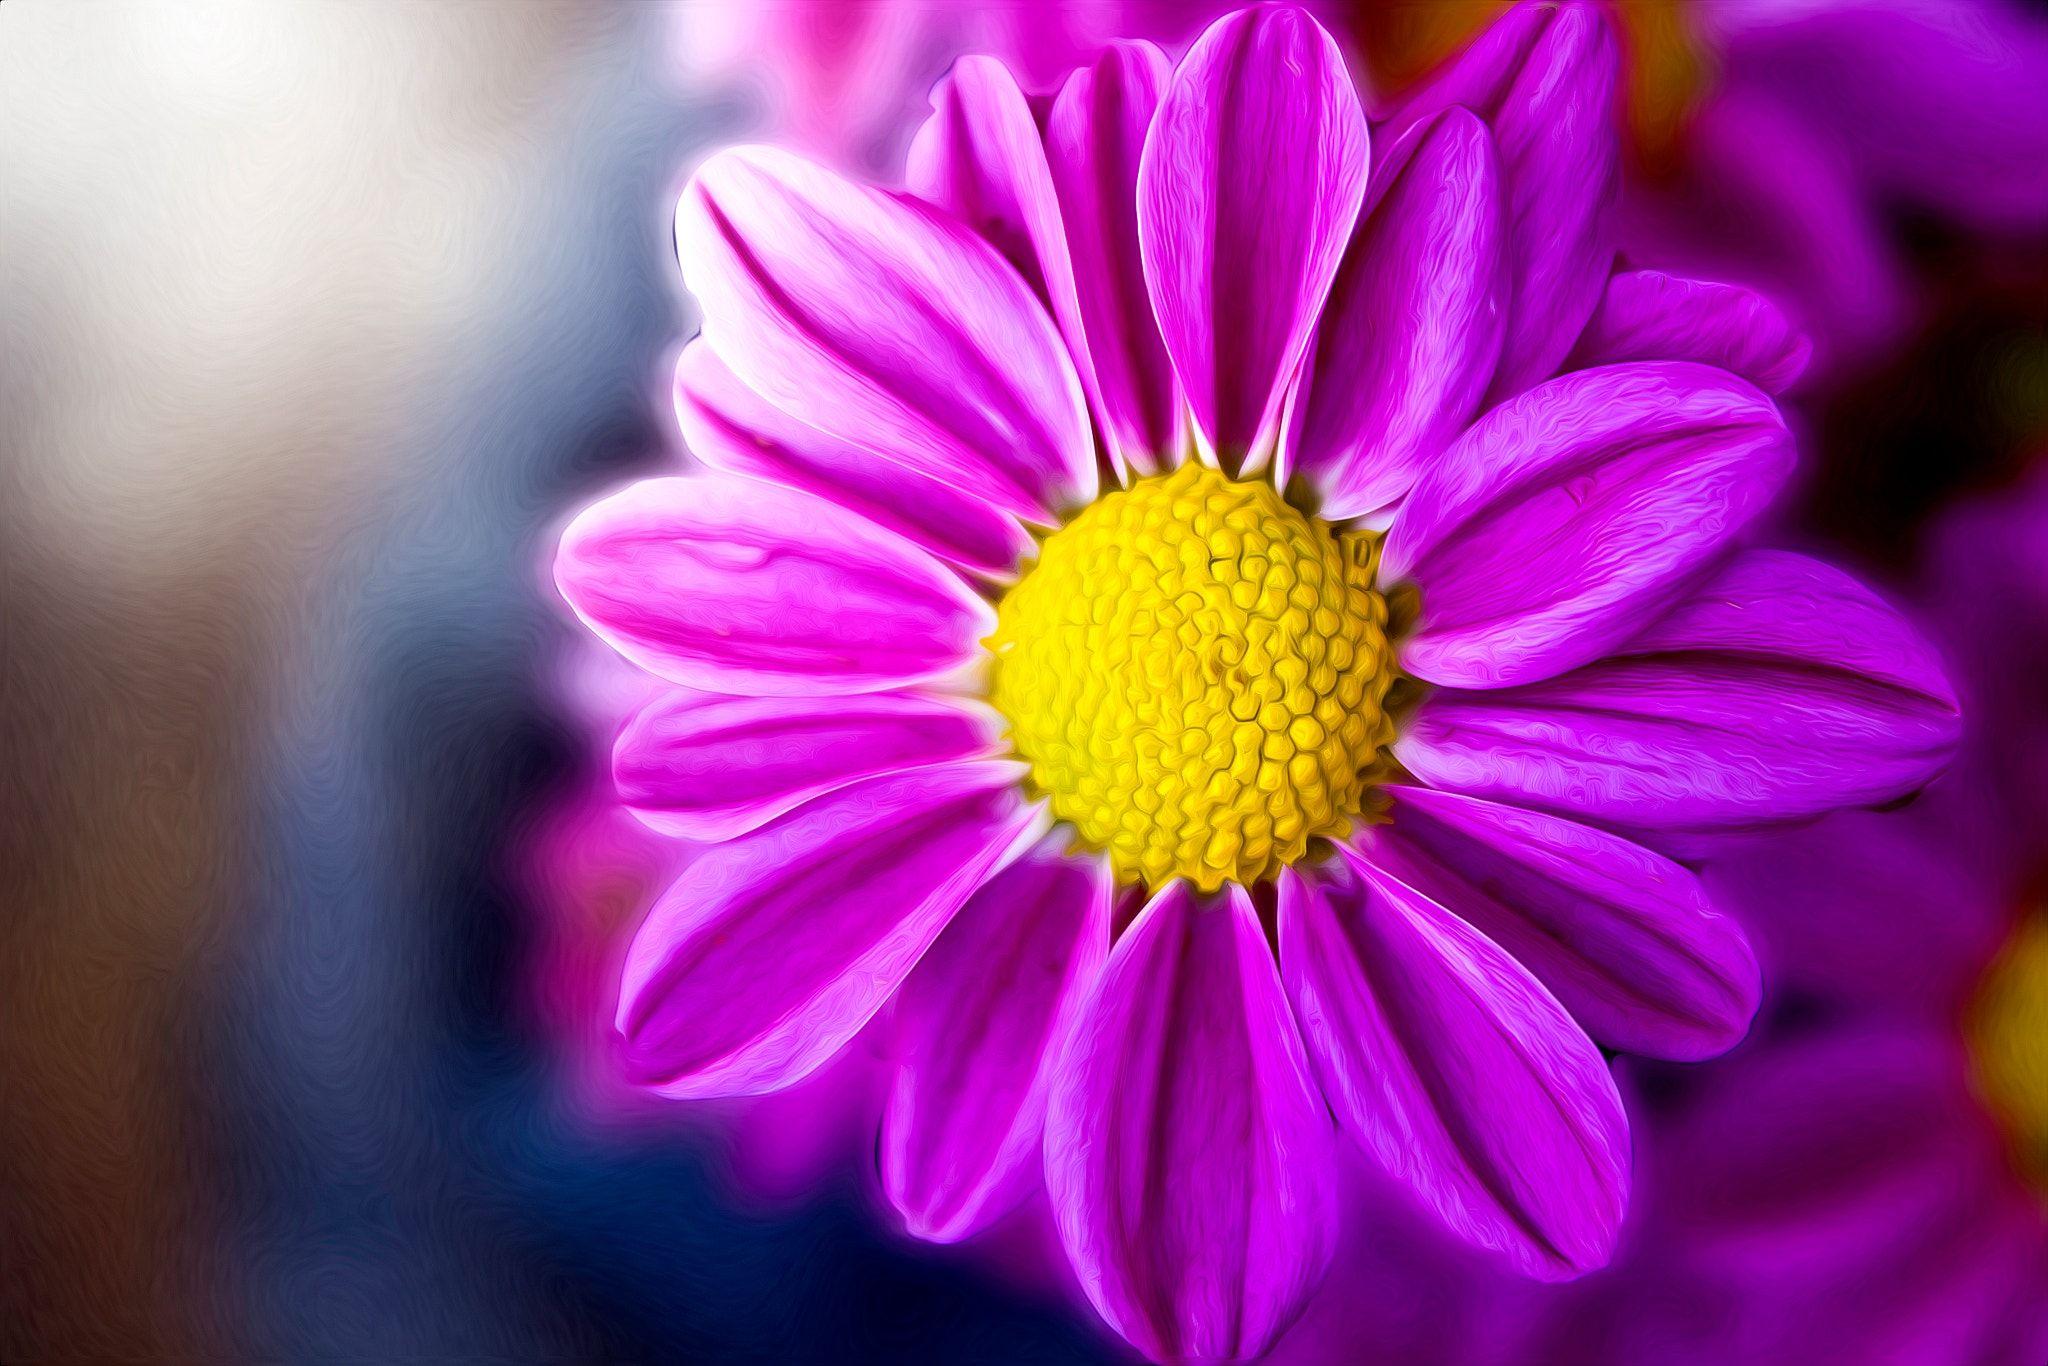 Glowing - Glowing Flower       Hope You Like It